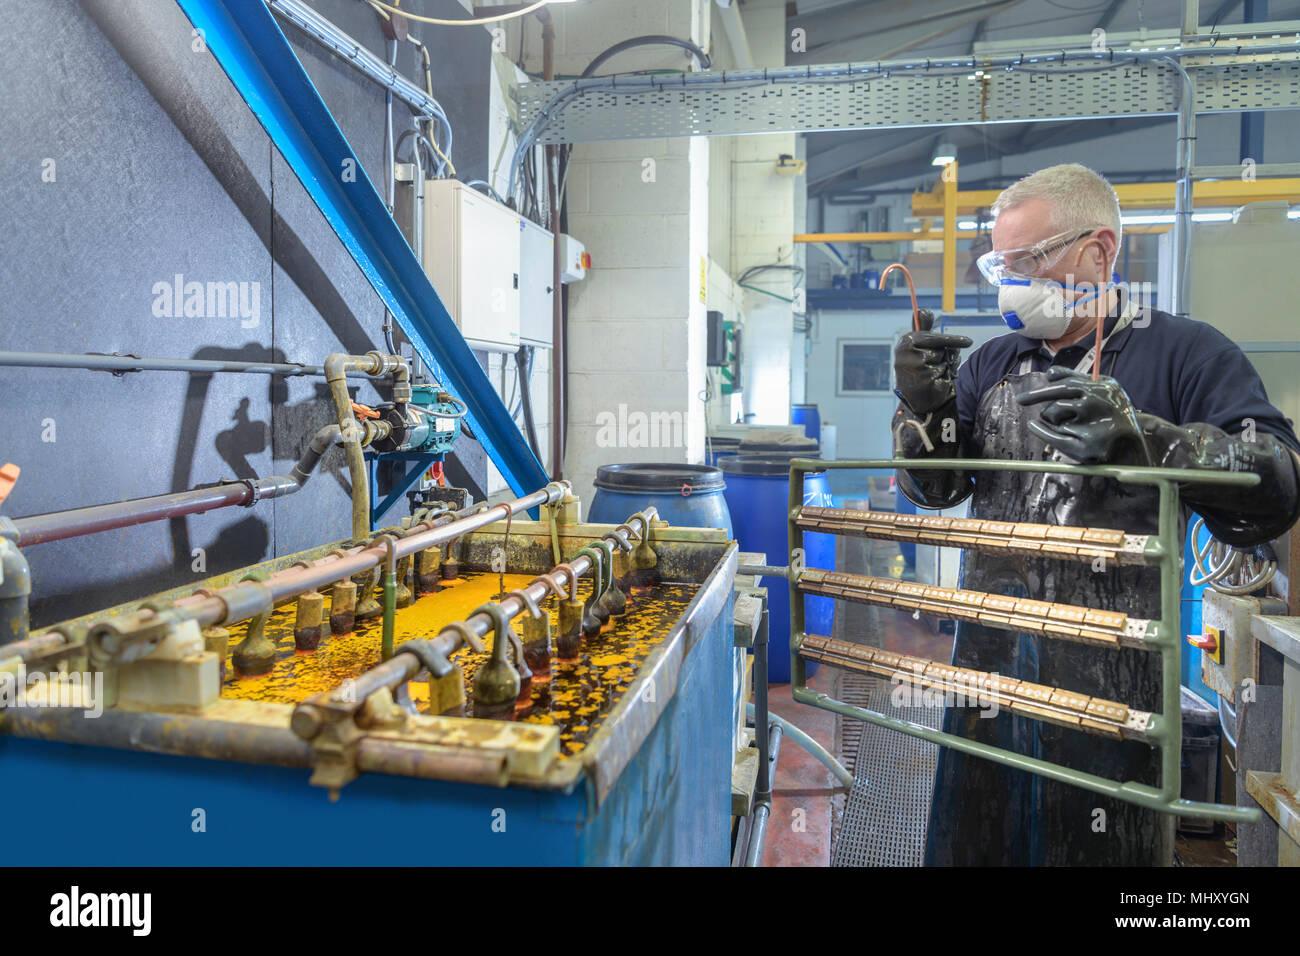 Trabajador colocar componentes en baño cromado en fábrica de galvanoplastia Foto de stock